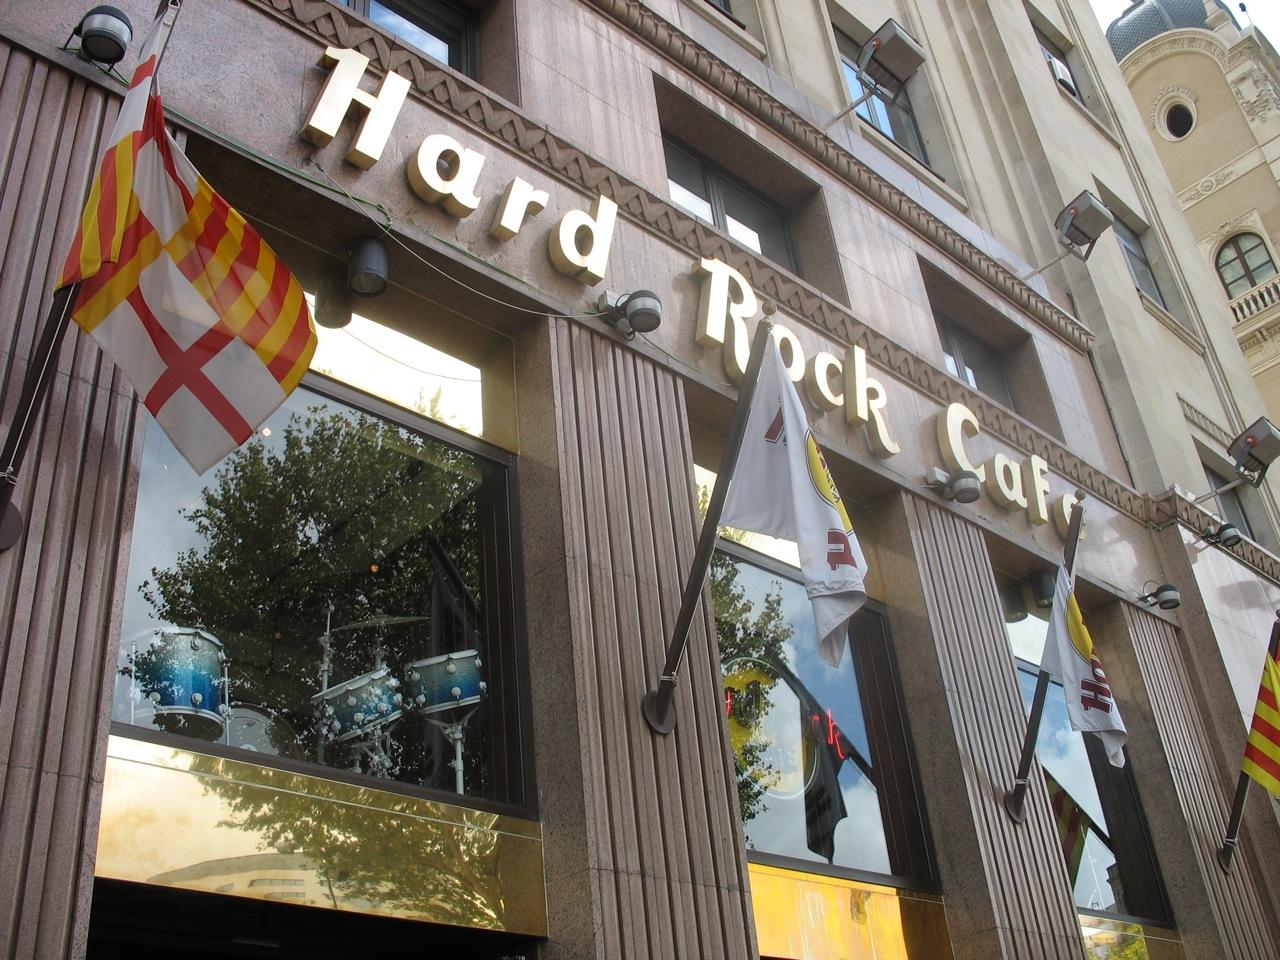 Restaurants Hard Rock Cafe